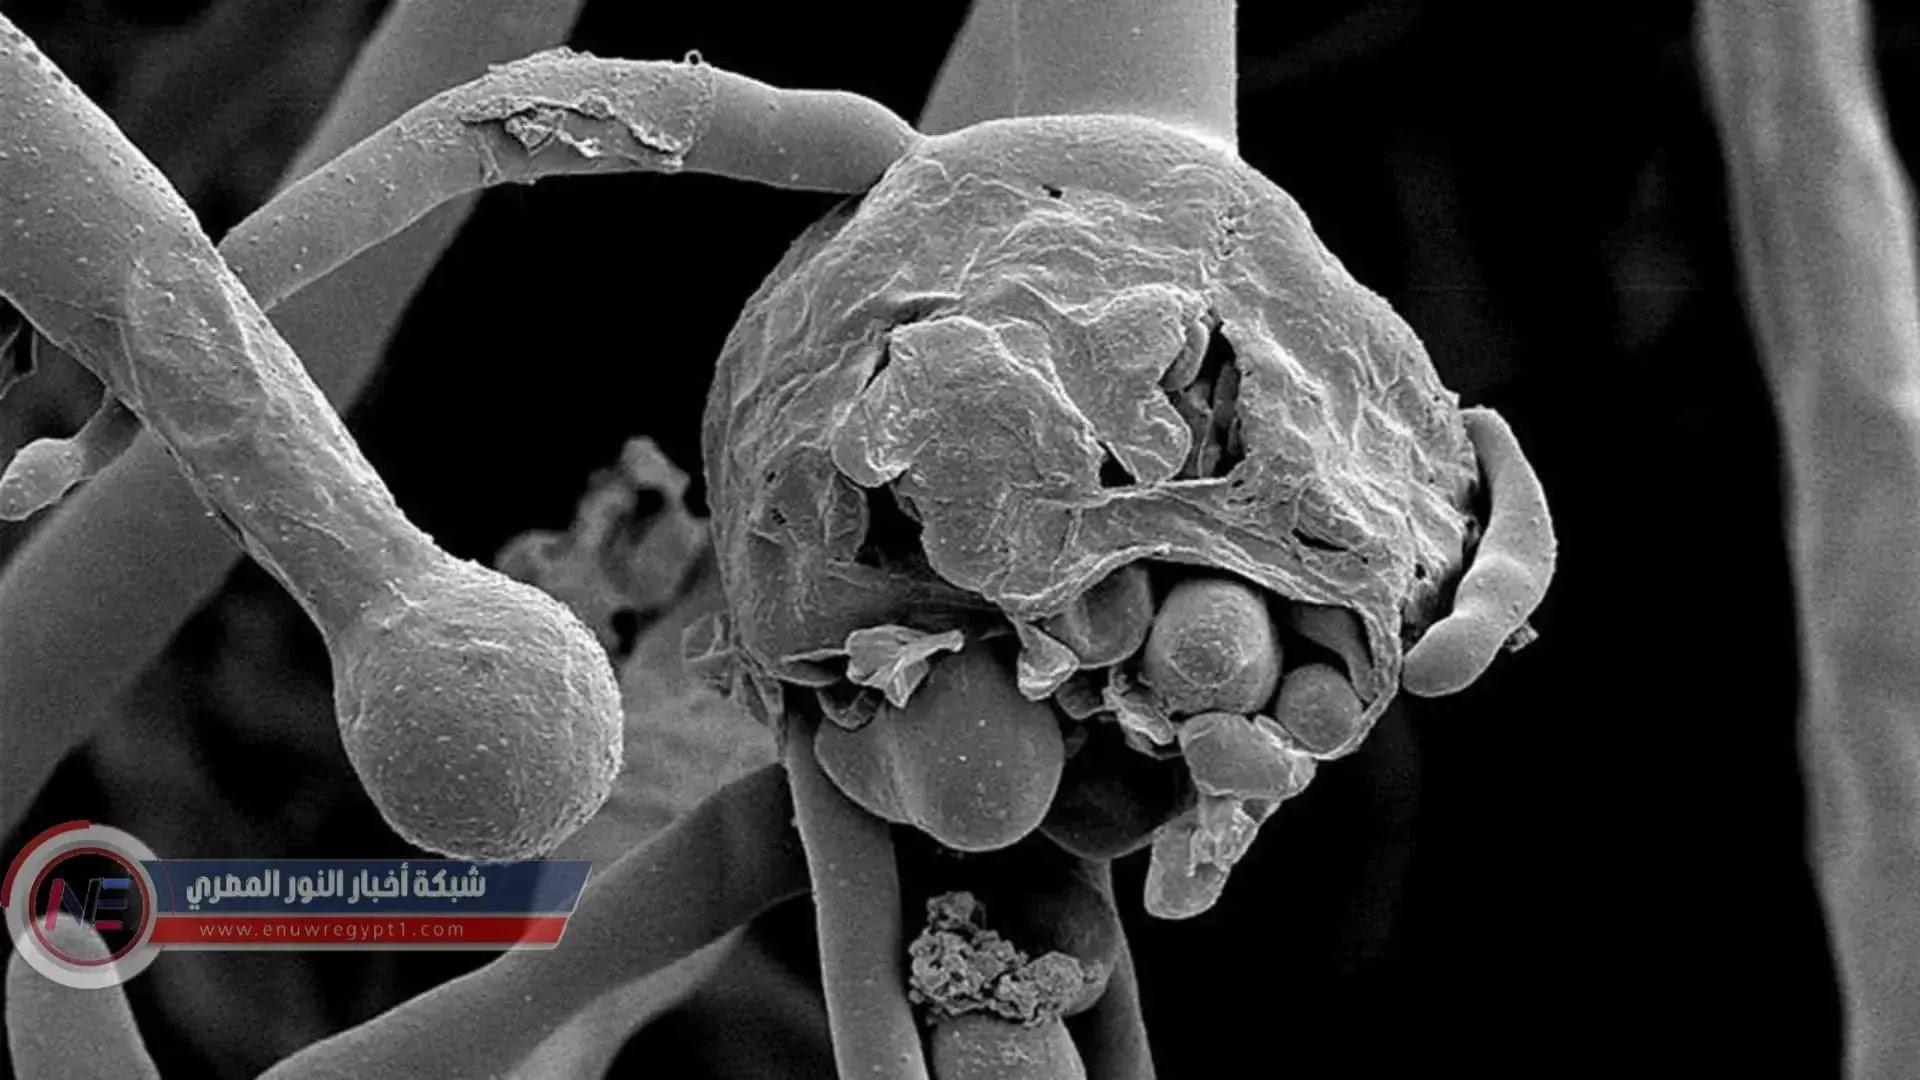 ماهو مرض الفطر الاسود وأنواعه والاعراض المصاحبة له ومن هم الاشخاص الاكثر عرضه للإصابة بالمرض